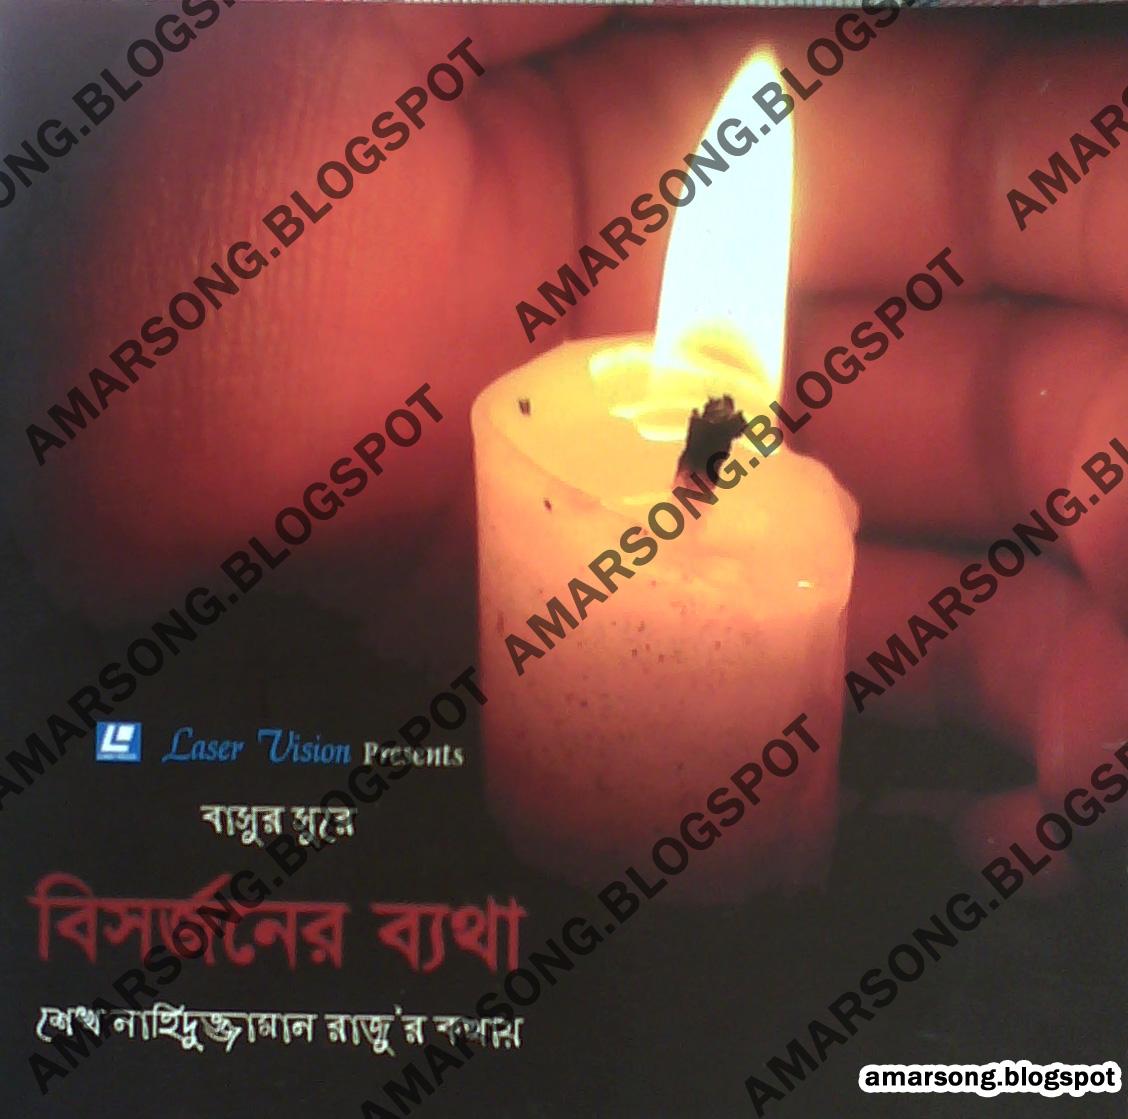 Bishorjoner Byatha - VA [Eid Album 2011] *1st On Net